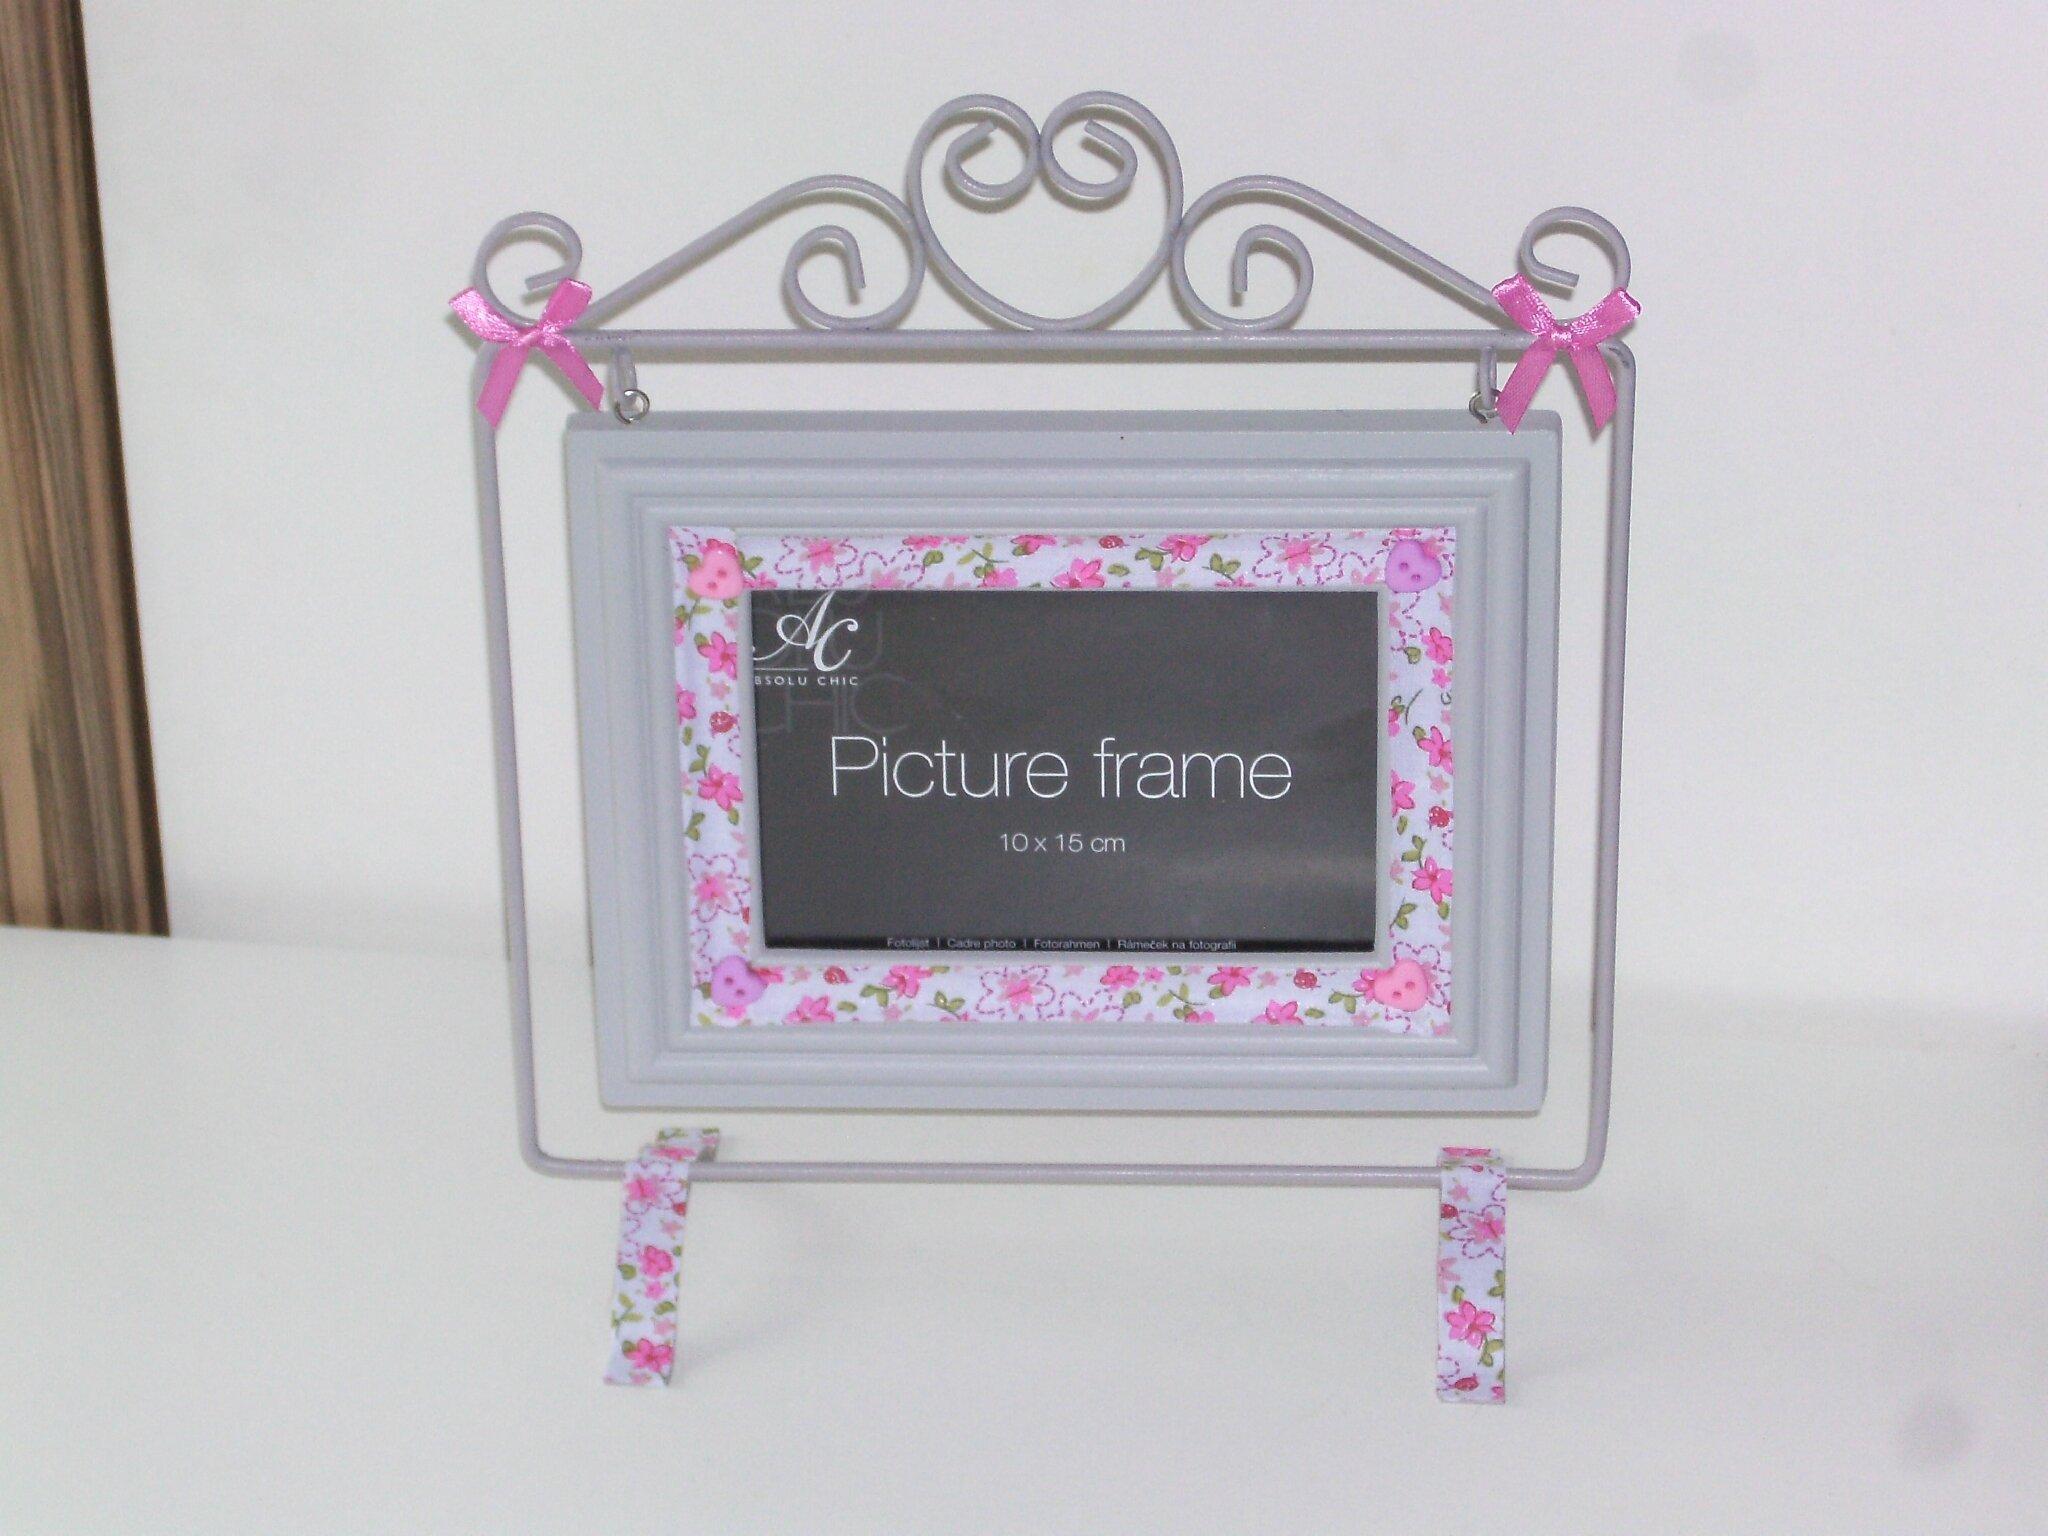 Cadre maison simple cadre photo lot de cadres photos maison x cm bleu rose with cadre maison - Tableau attrape reve maison du monde ...